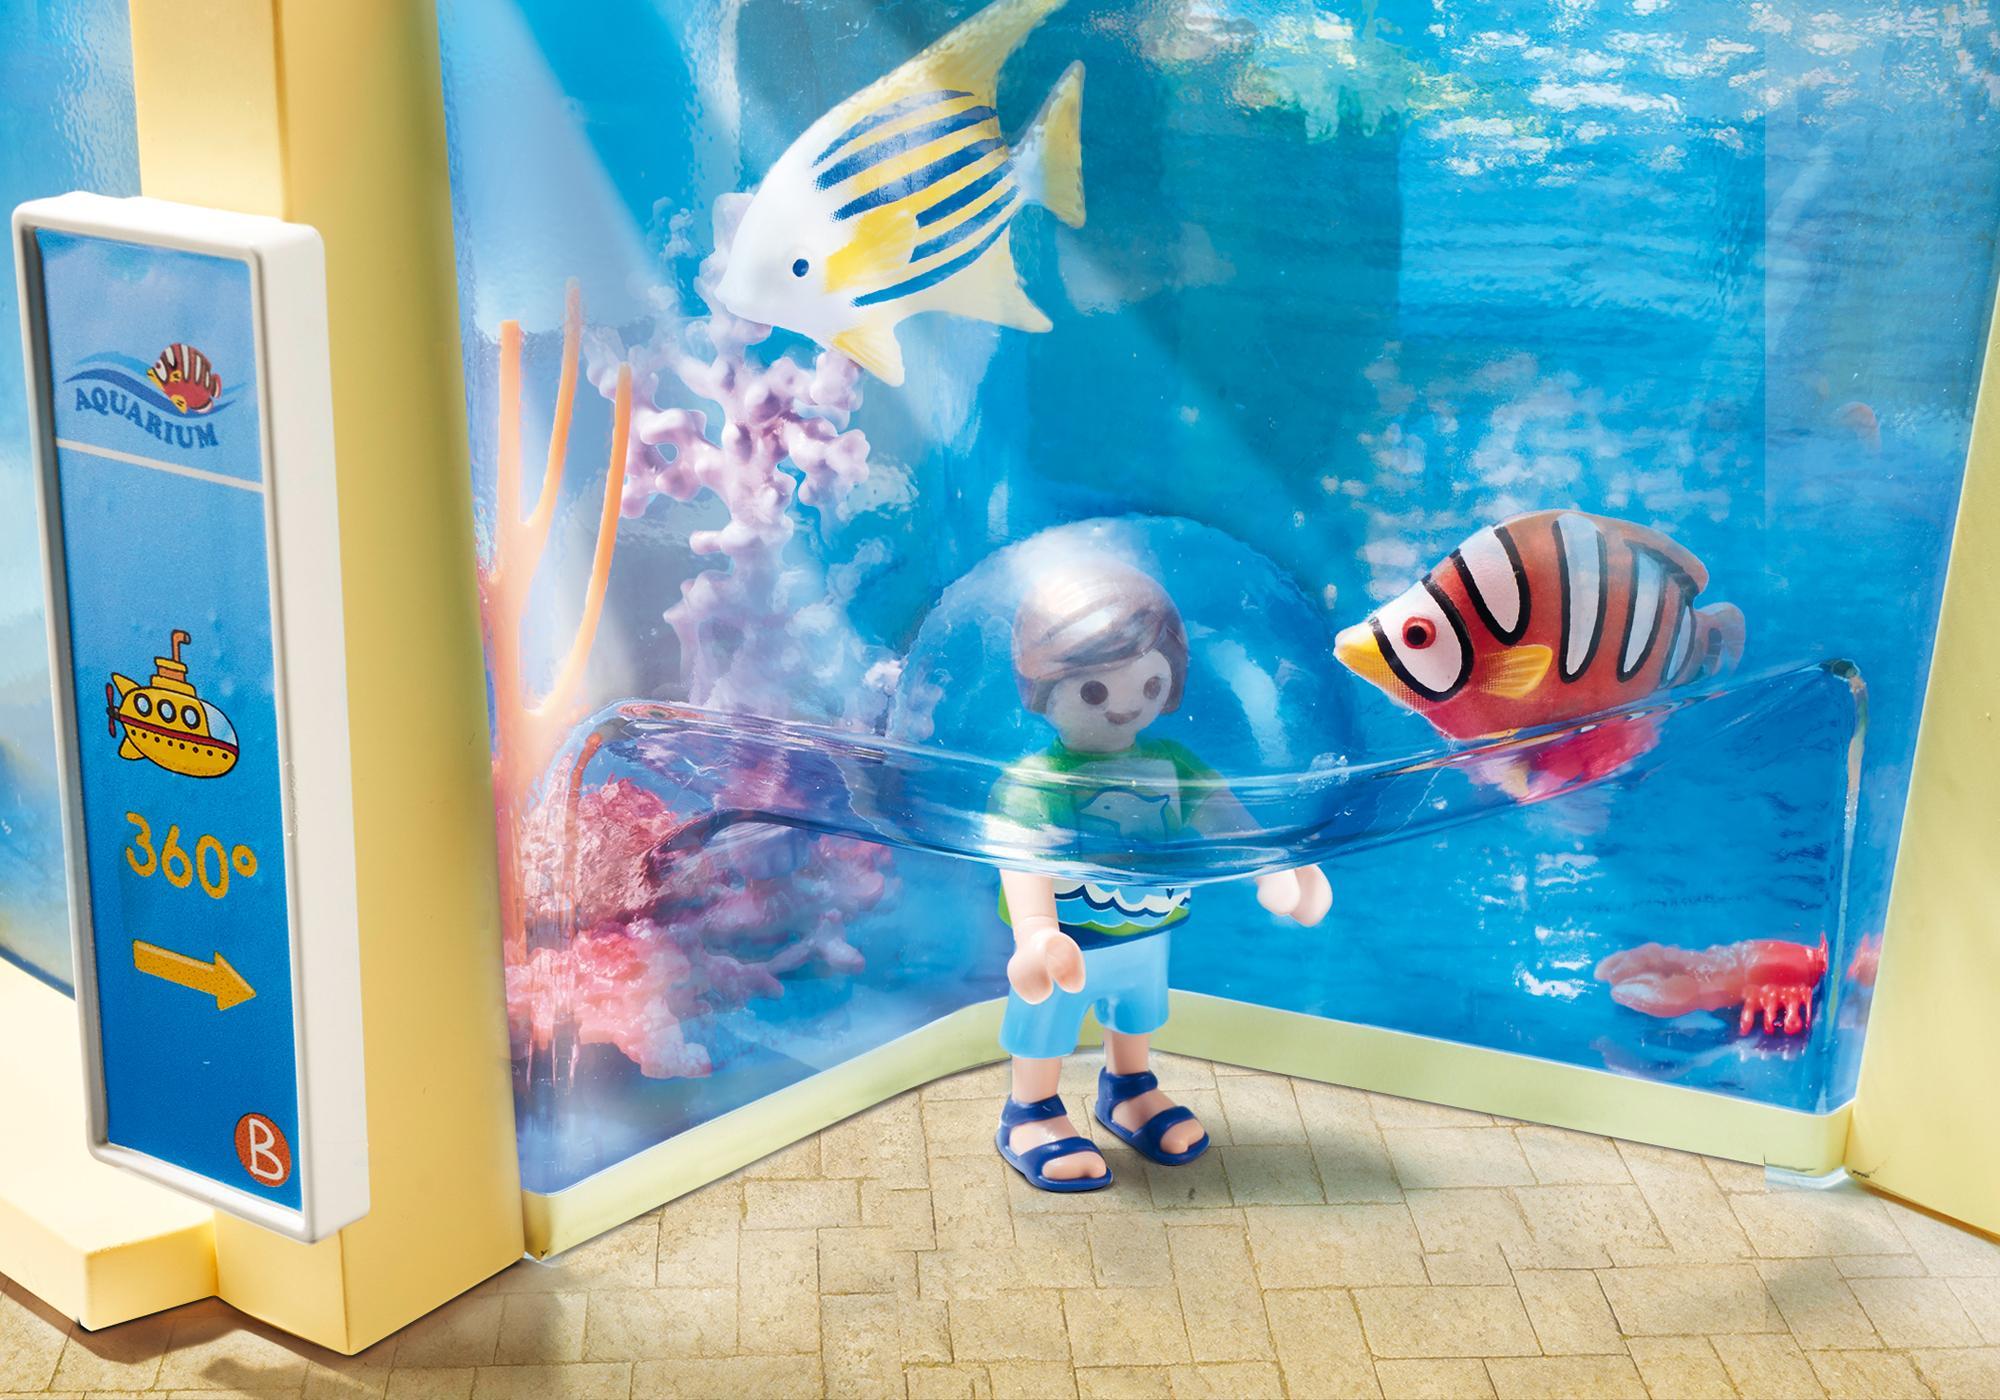 http://media.playmobil.com/i/playmobil/9060_product_extra3/Aquário